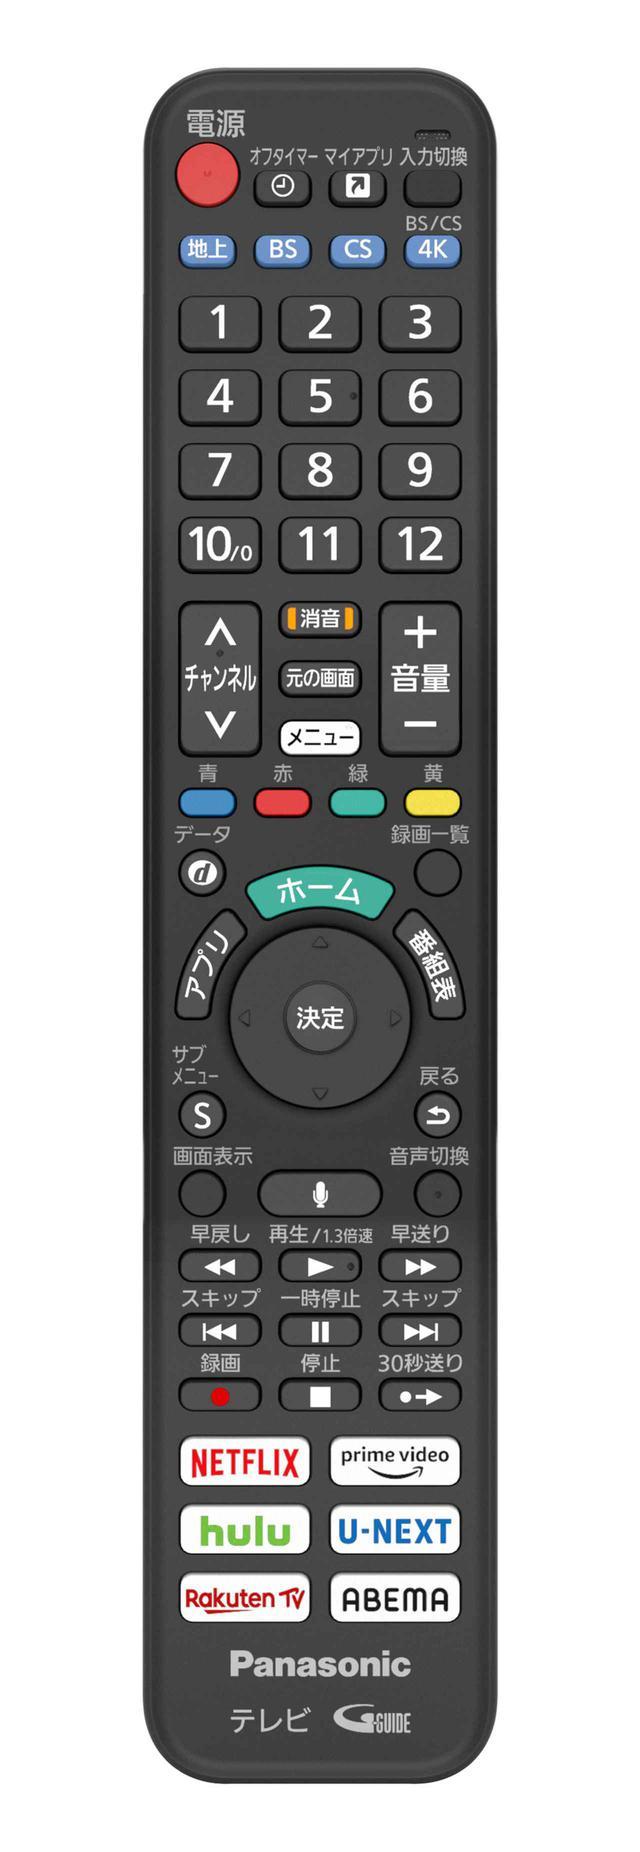 画像: リモコンはBluetooth仕様となり、ネット動画をワンタッチで視聴できるように、6つのダイレクトボタンも装備された